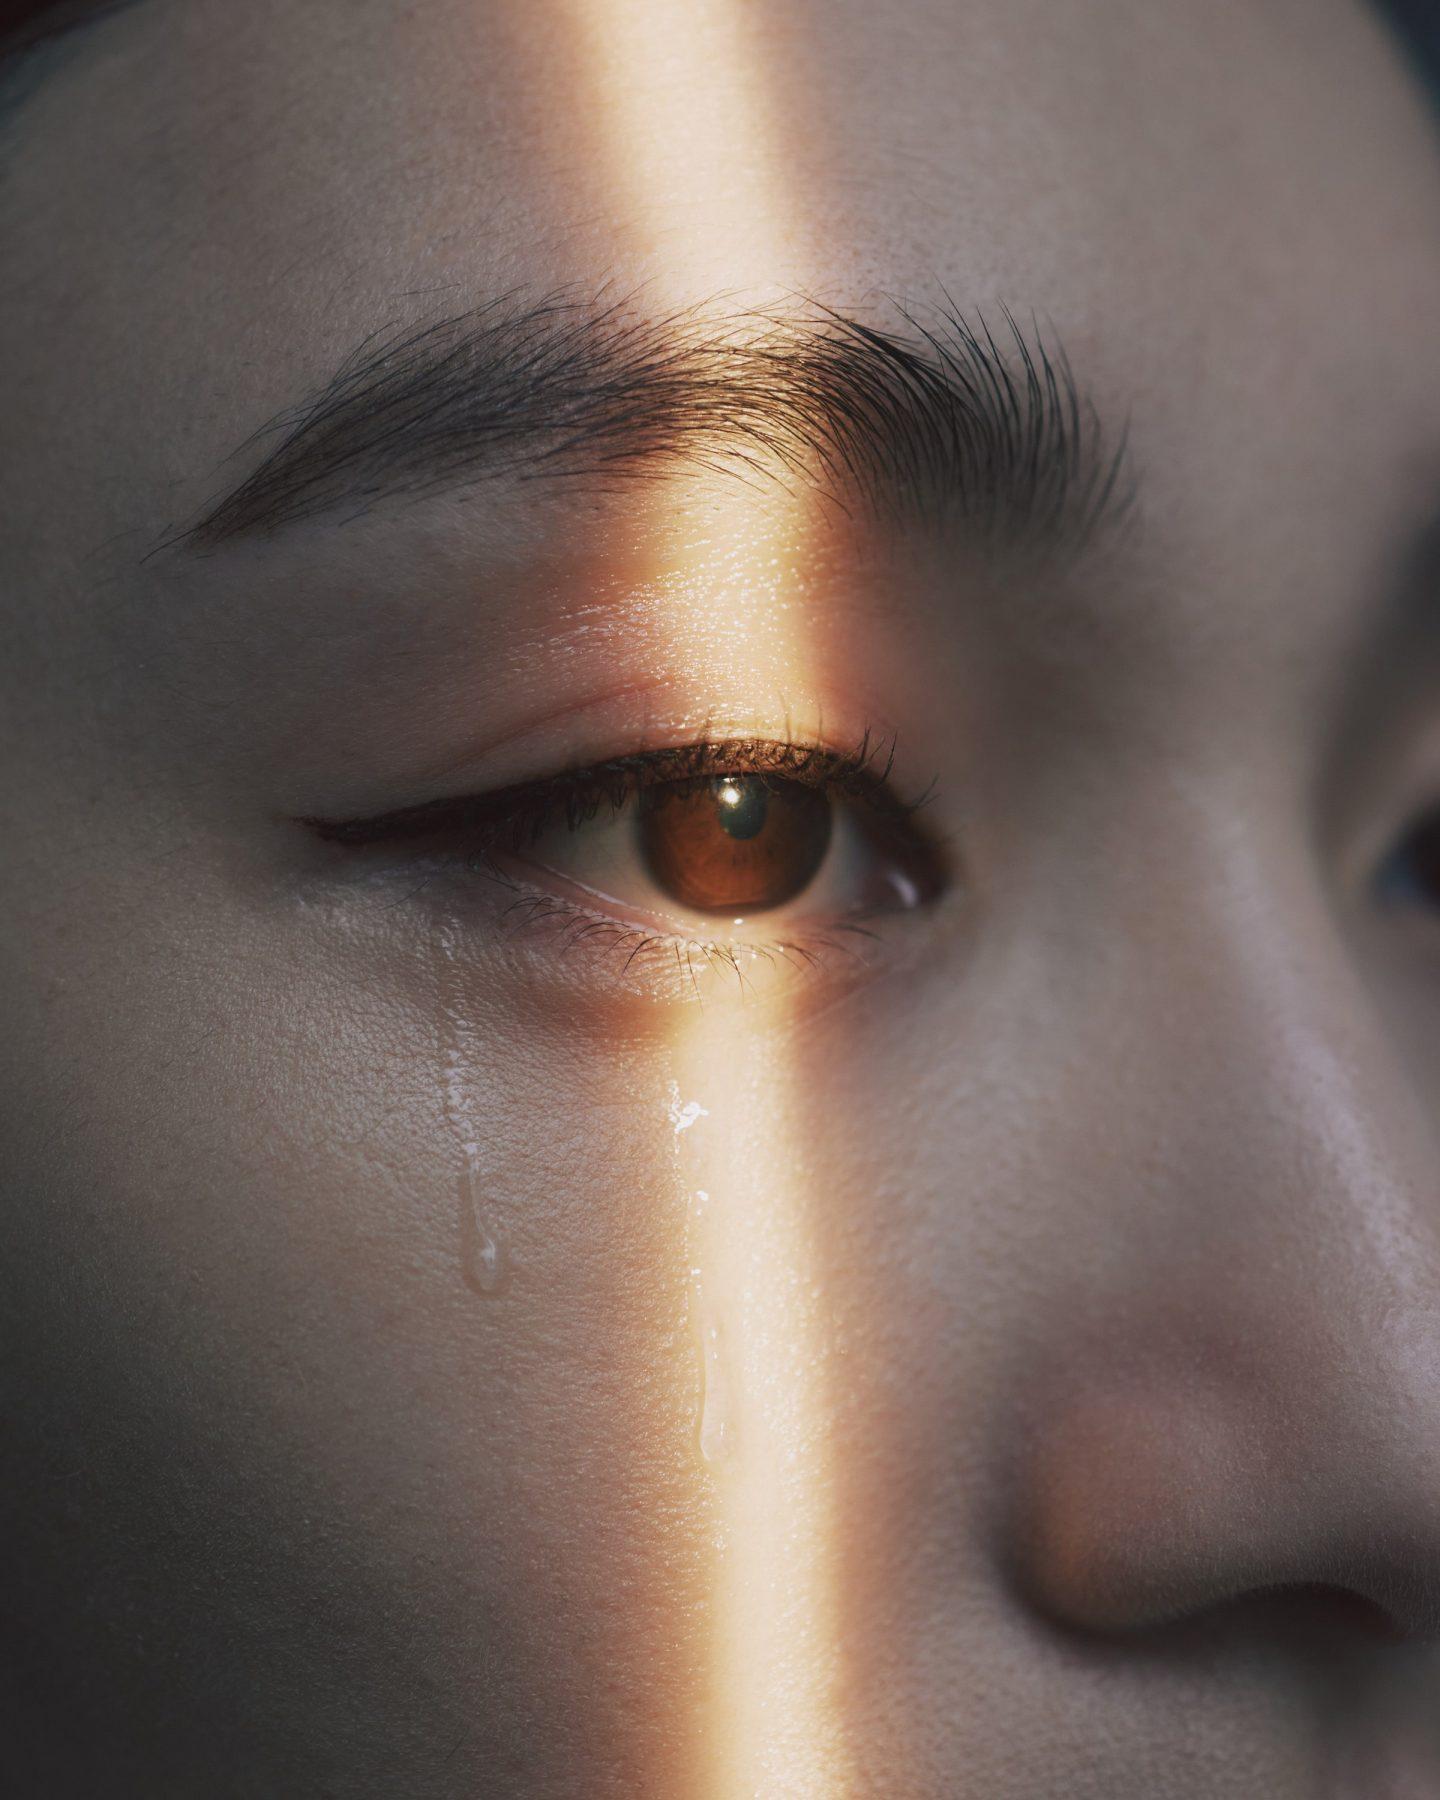 IGNANT-Photography-Zhang-Ahuei-014